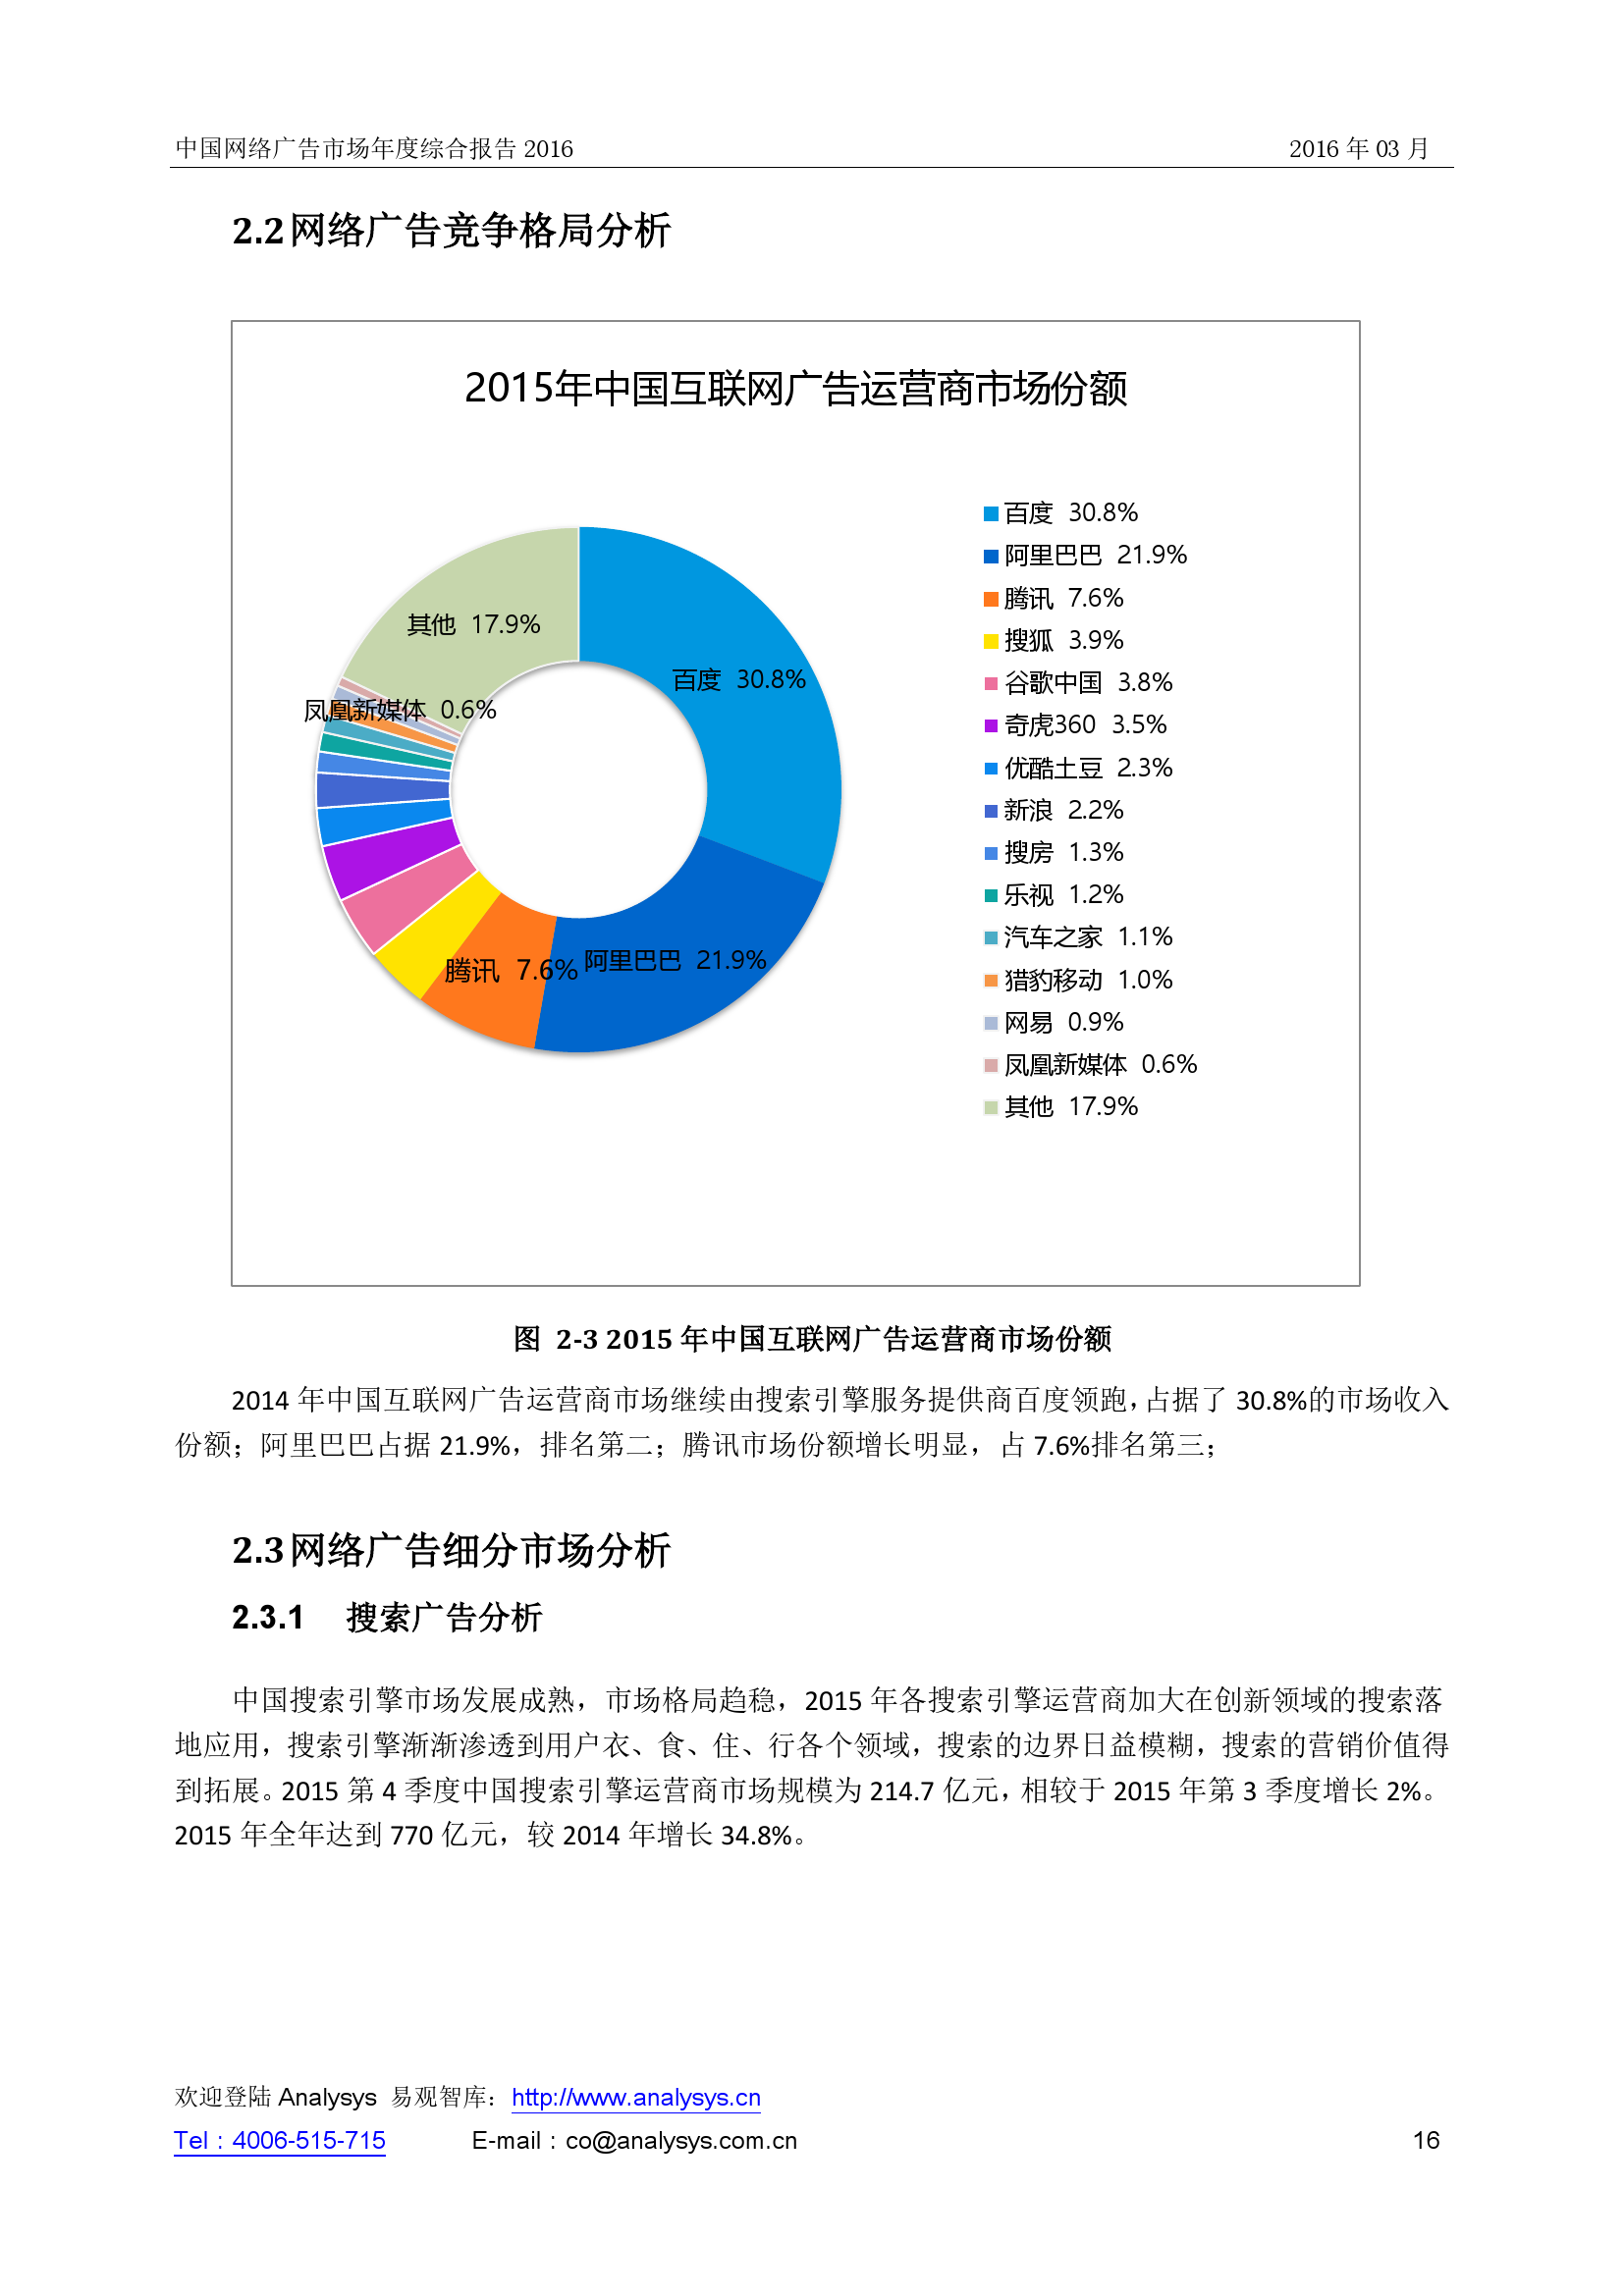 中国网络广告市场年度综合报告2016_000016